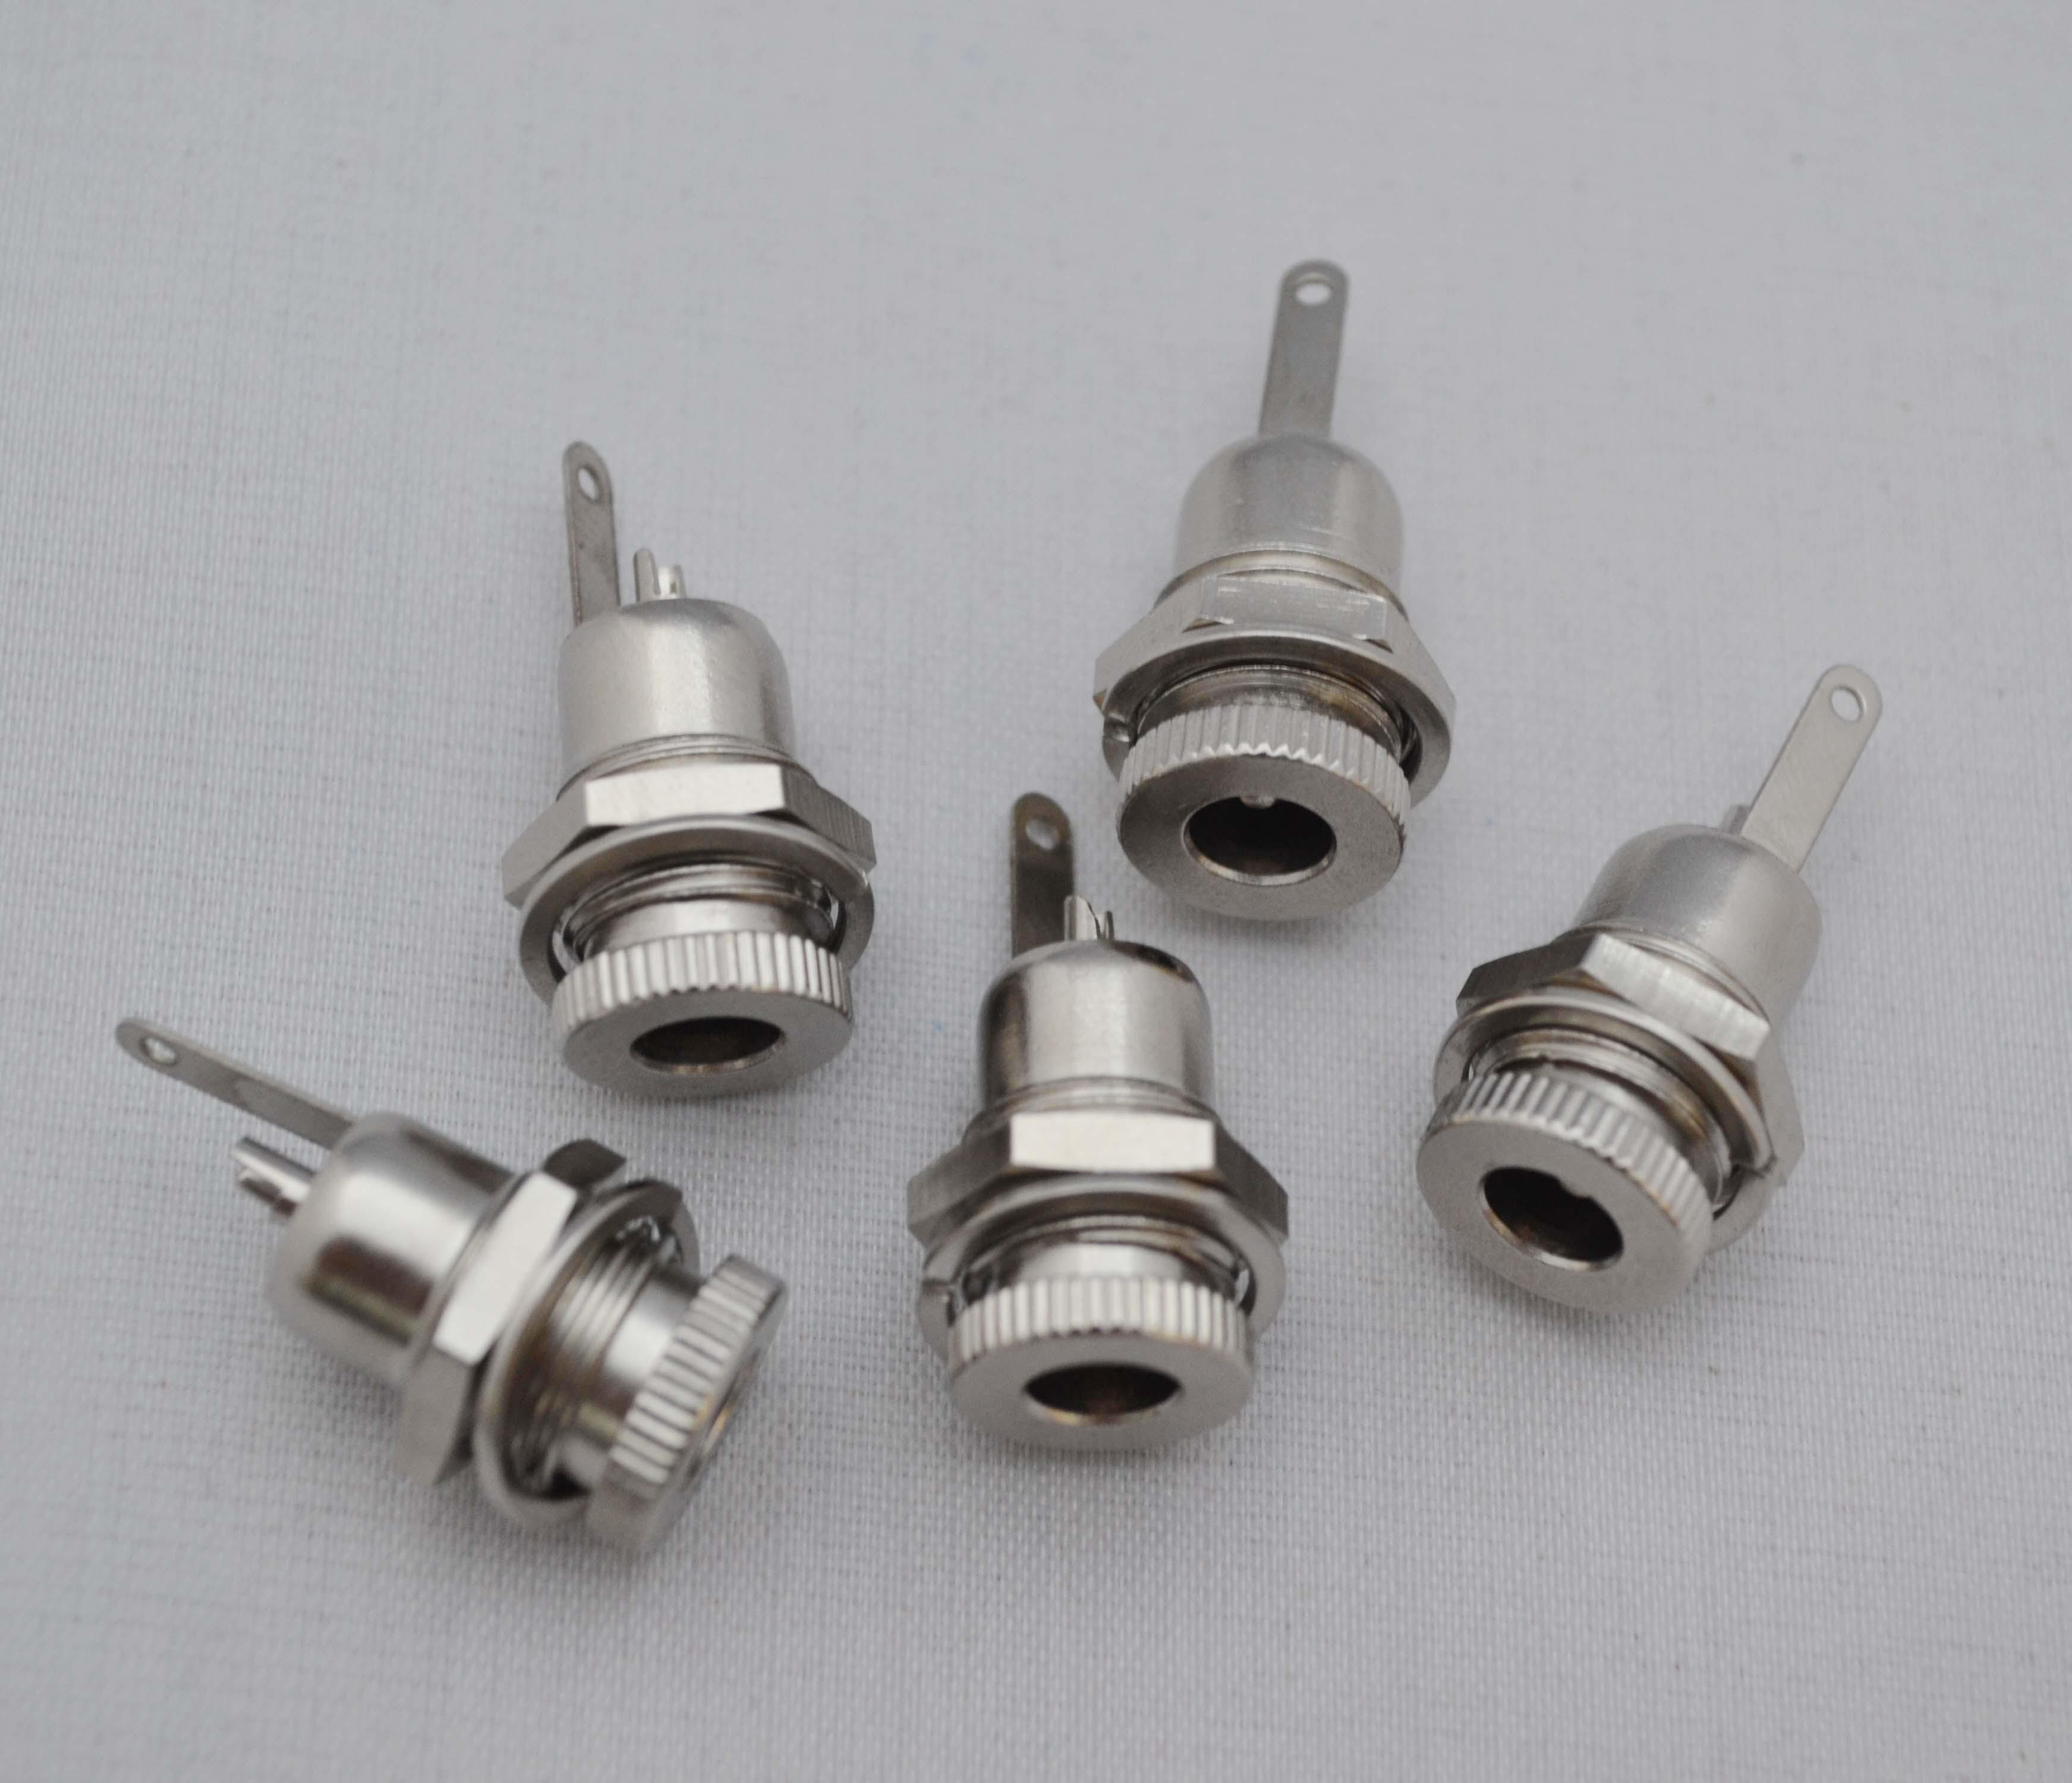 Adattatore connettore femmina montaggio a pannello montaggio a pannello da 5,5mm x 2,5mm o 5,5mm x 2,1mm di alta qualità da 5,5mm x 2,5mm o DC. Spedizione gratuita